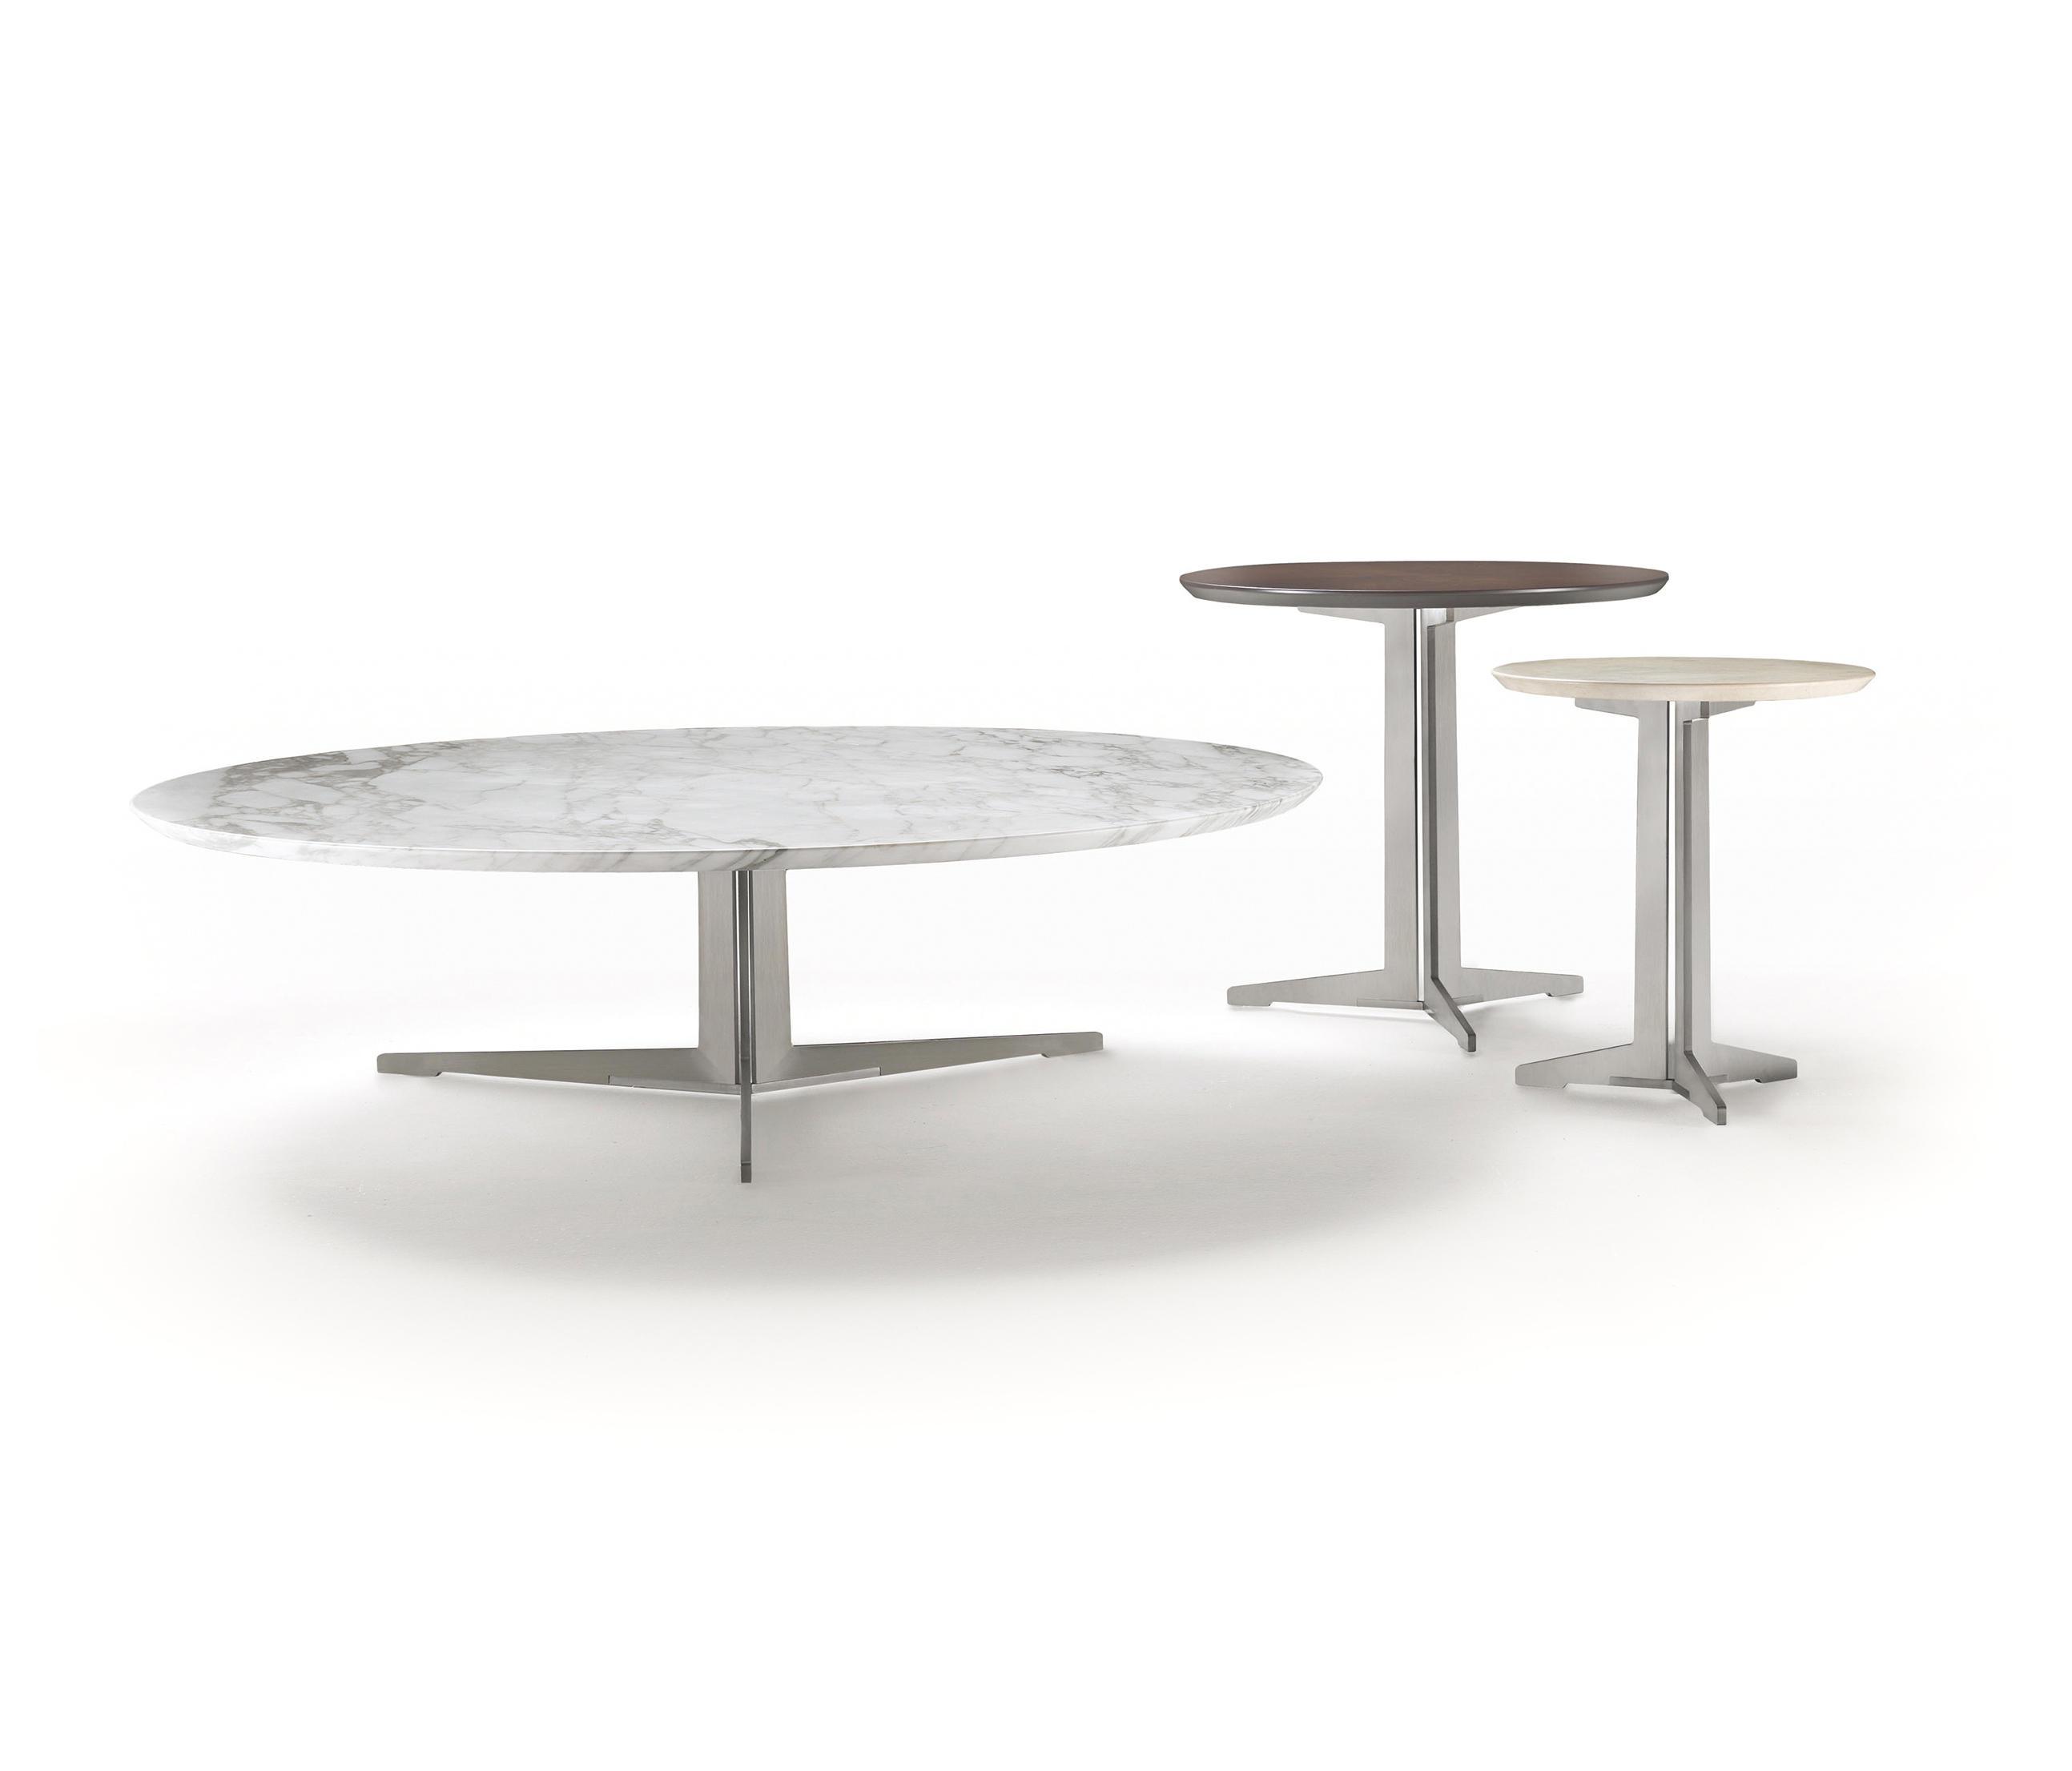 table de jardin fly cuisine dessin fly table cuisine pliantefly table pliante u bail with table. Black Bedroom Furniture Sets. Home Design Ideas